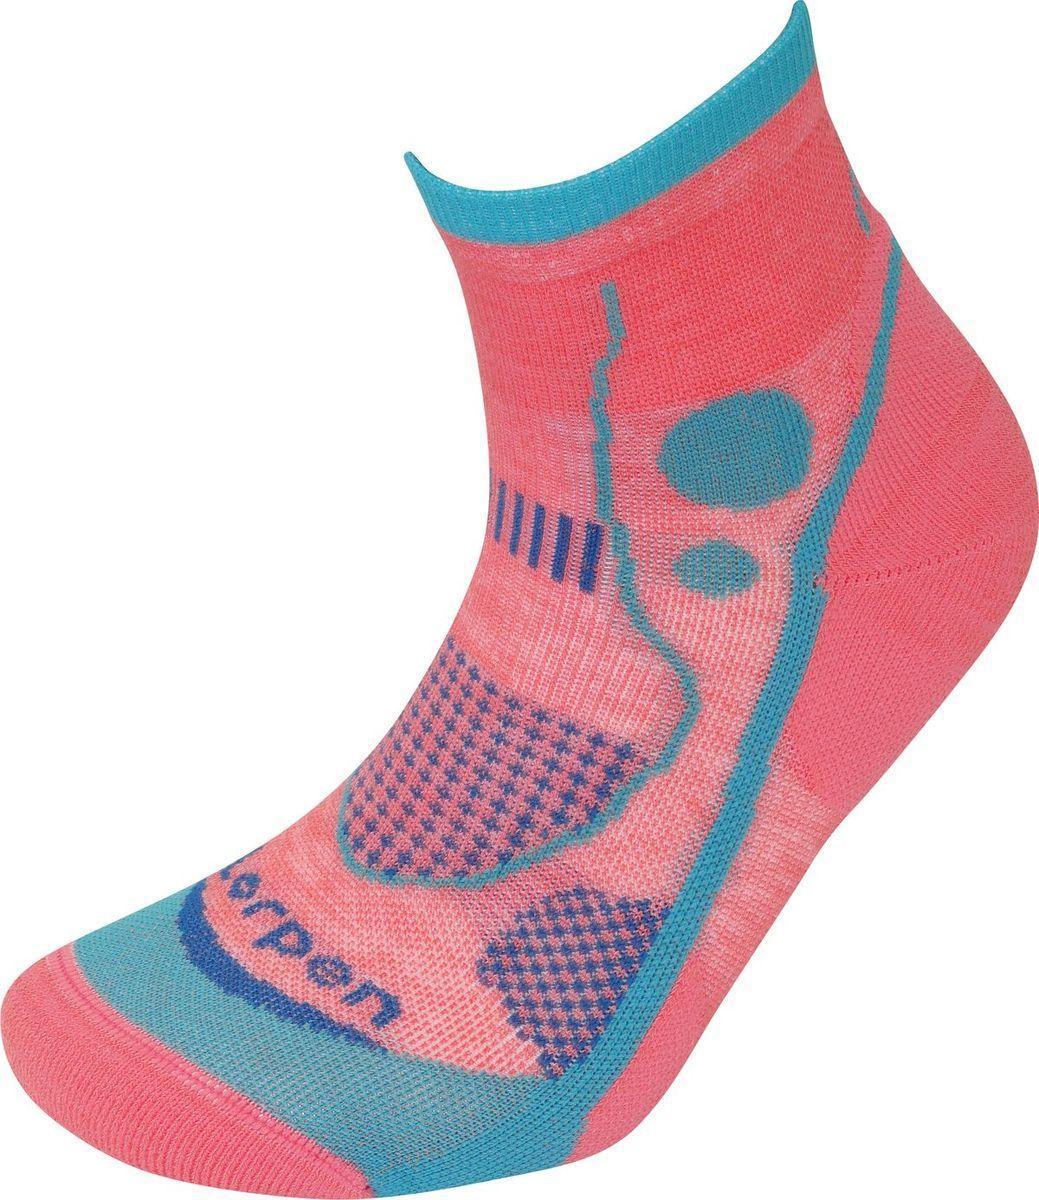 Носки Lorpen X3UW женские розовые S